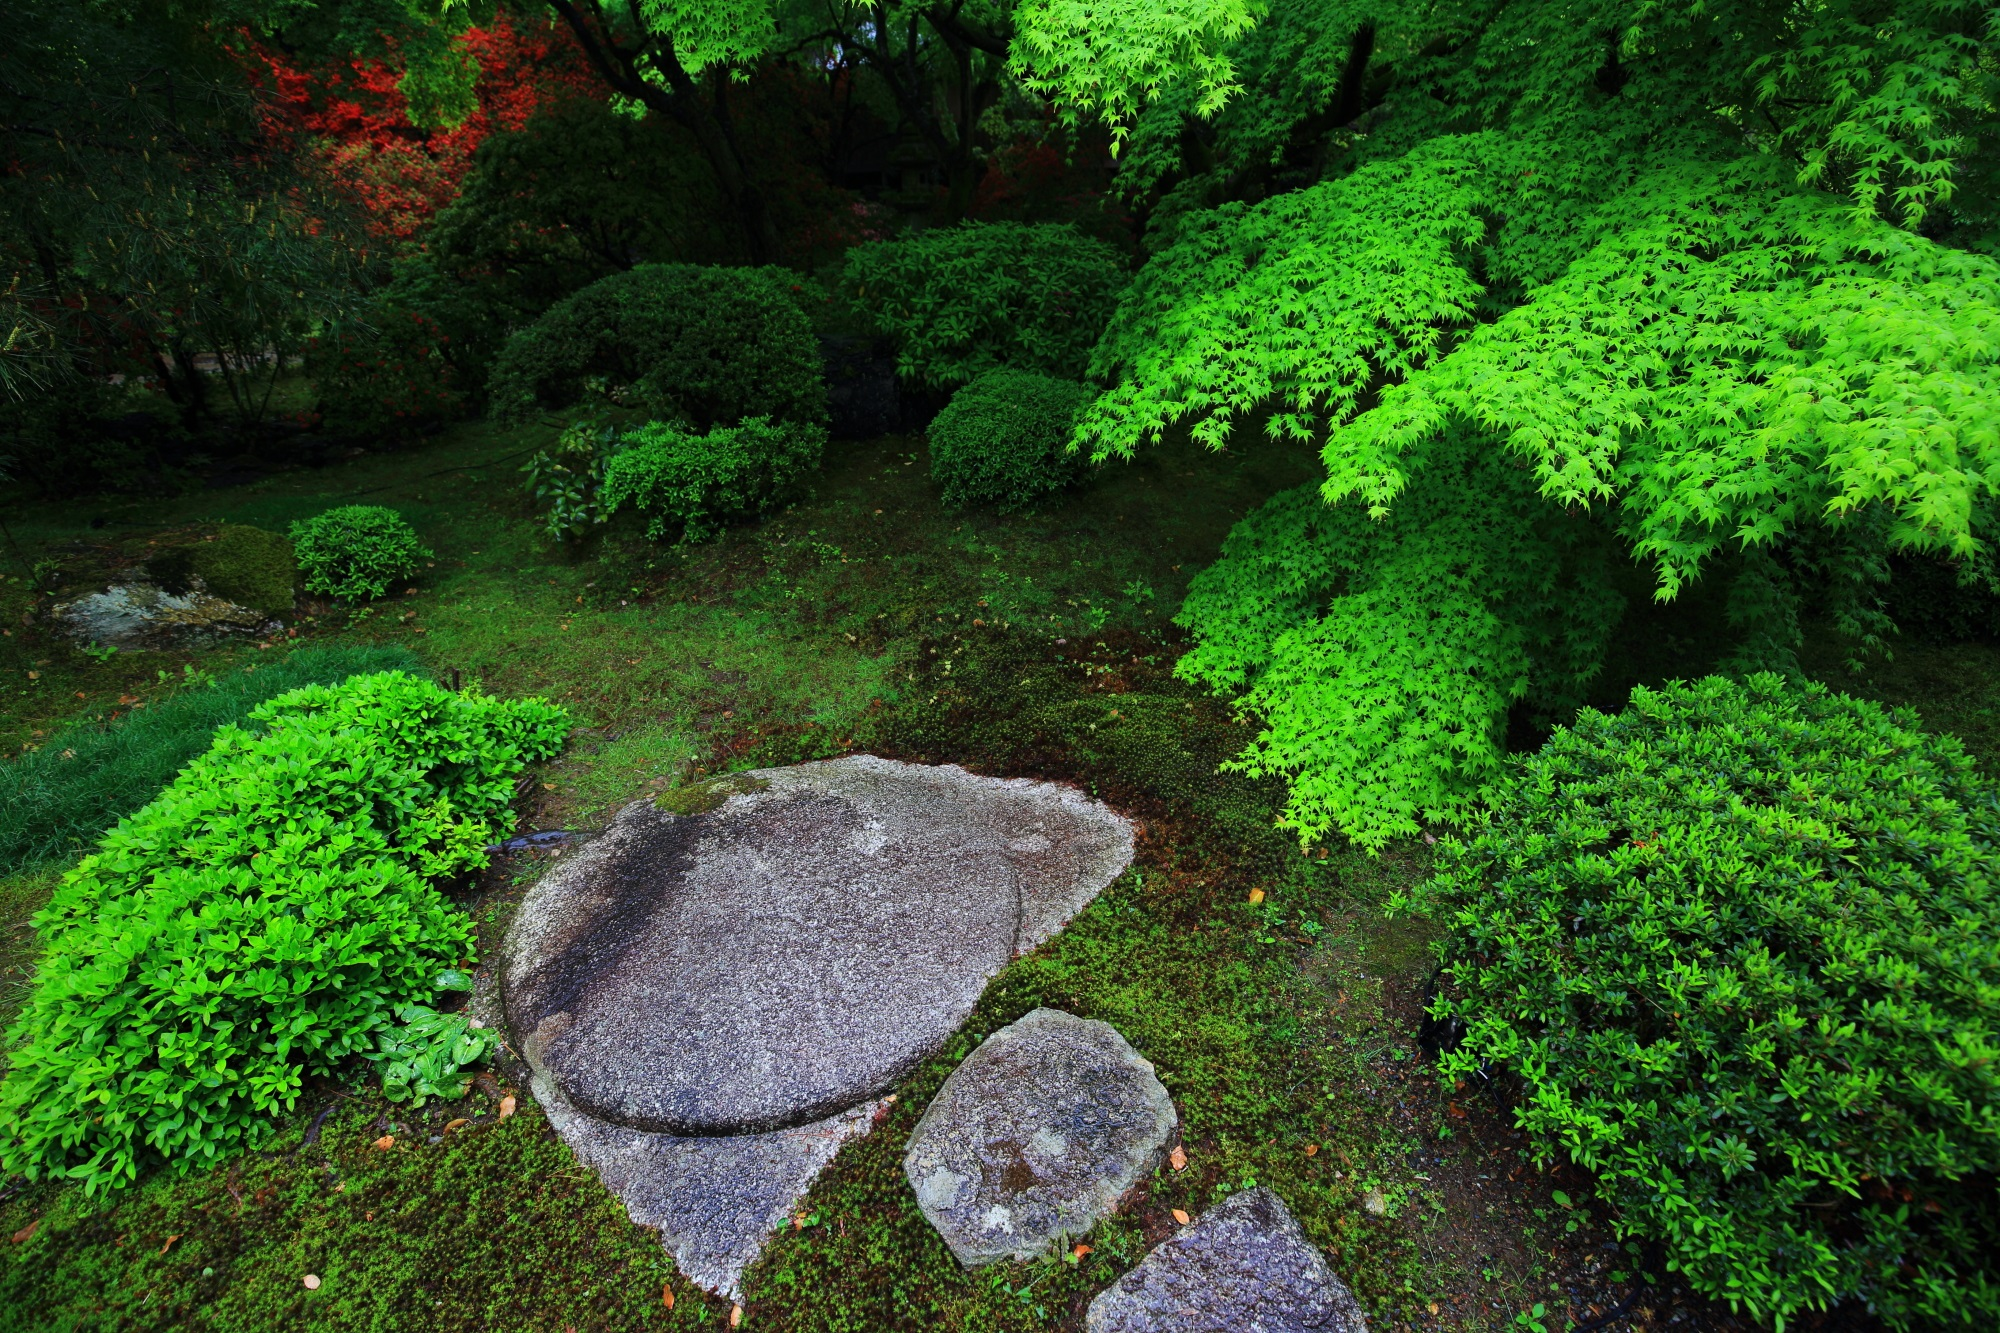 青蓮院門跡の苔や刈込も美しい何とも言えない落ち着いた空間